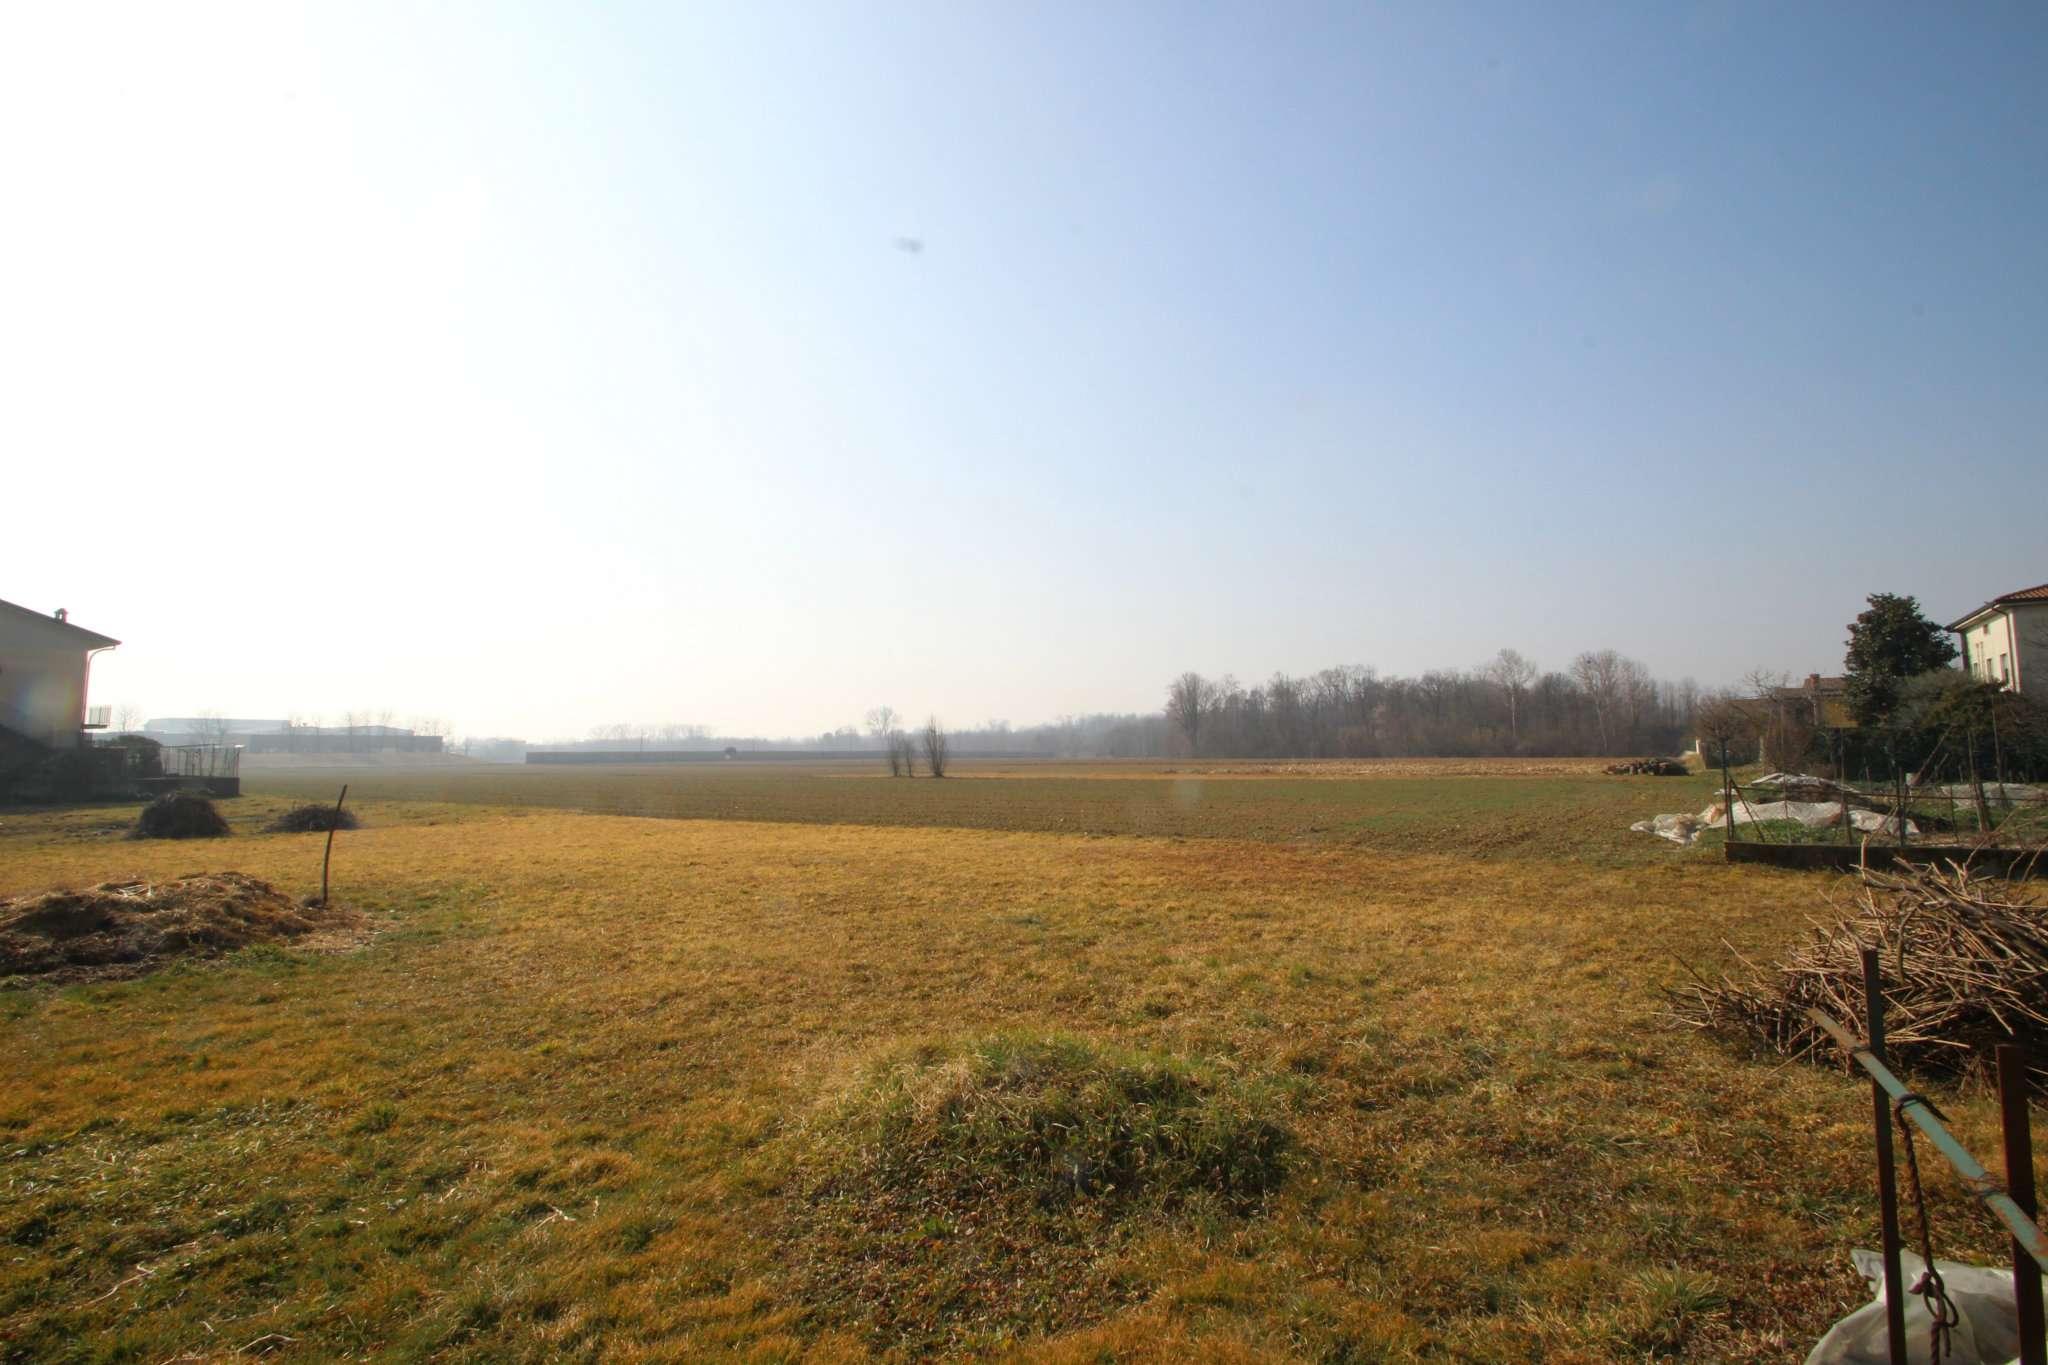 Terreno Edificabile Residenziale in vendita a Mapello, 1 locali, prezzo € 409.600 | CambioCasa.it